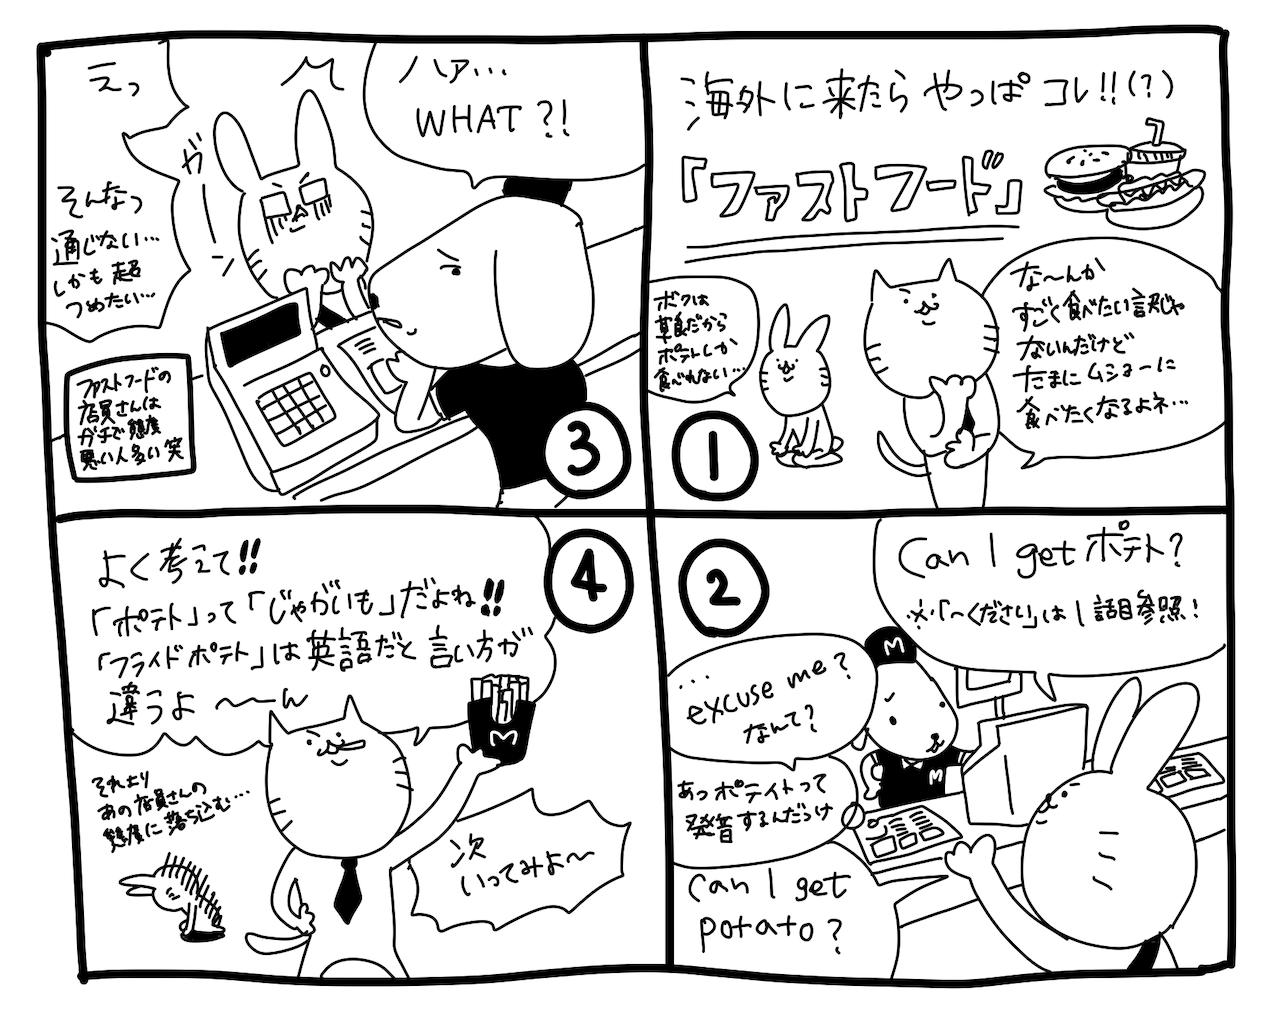 ひとこと英会話マンガ【23】ファストフードの頼み方